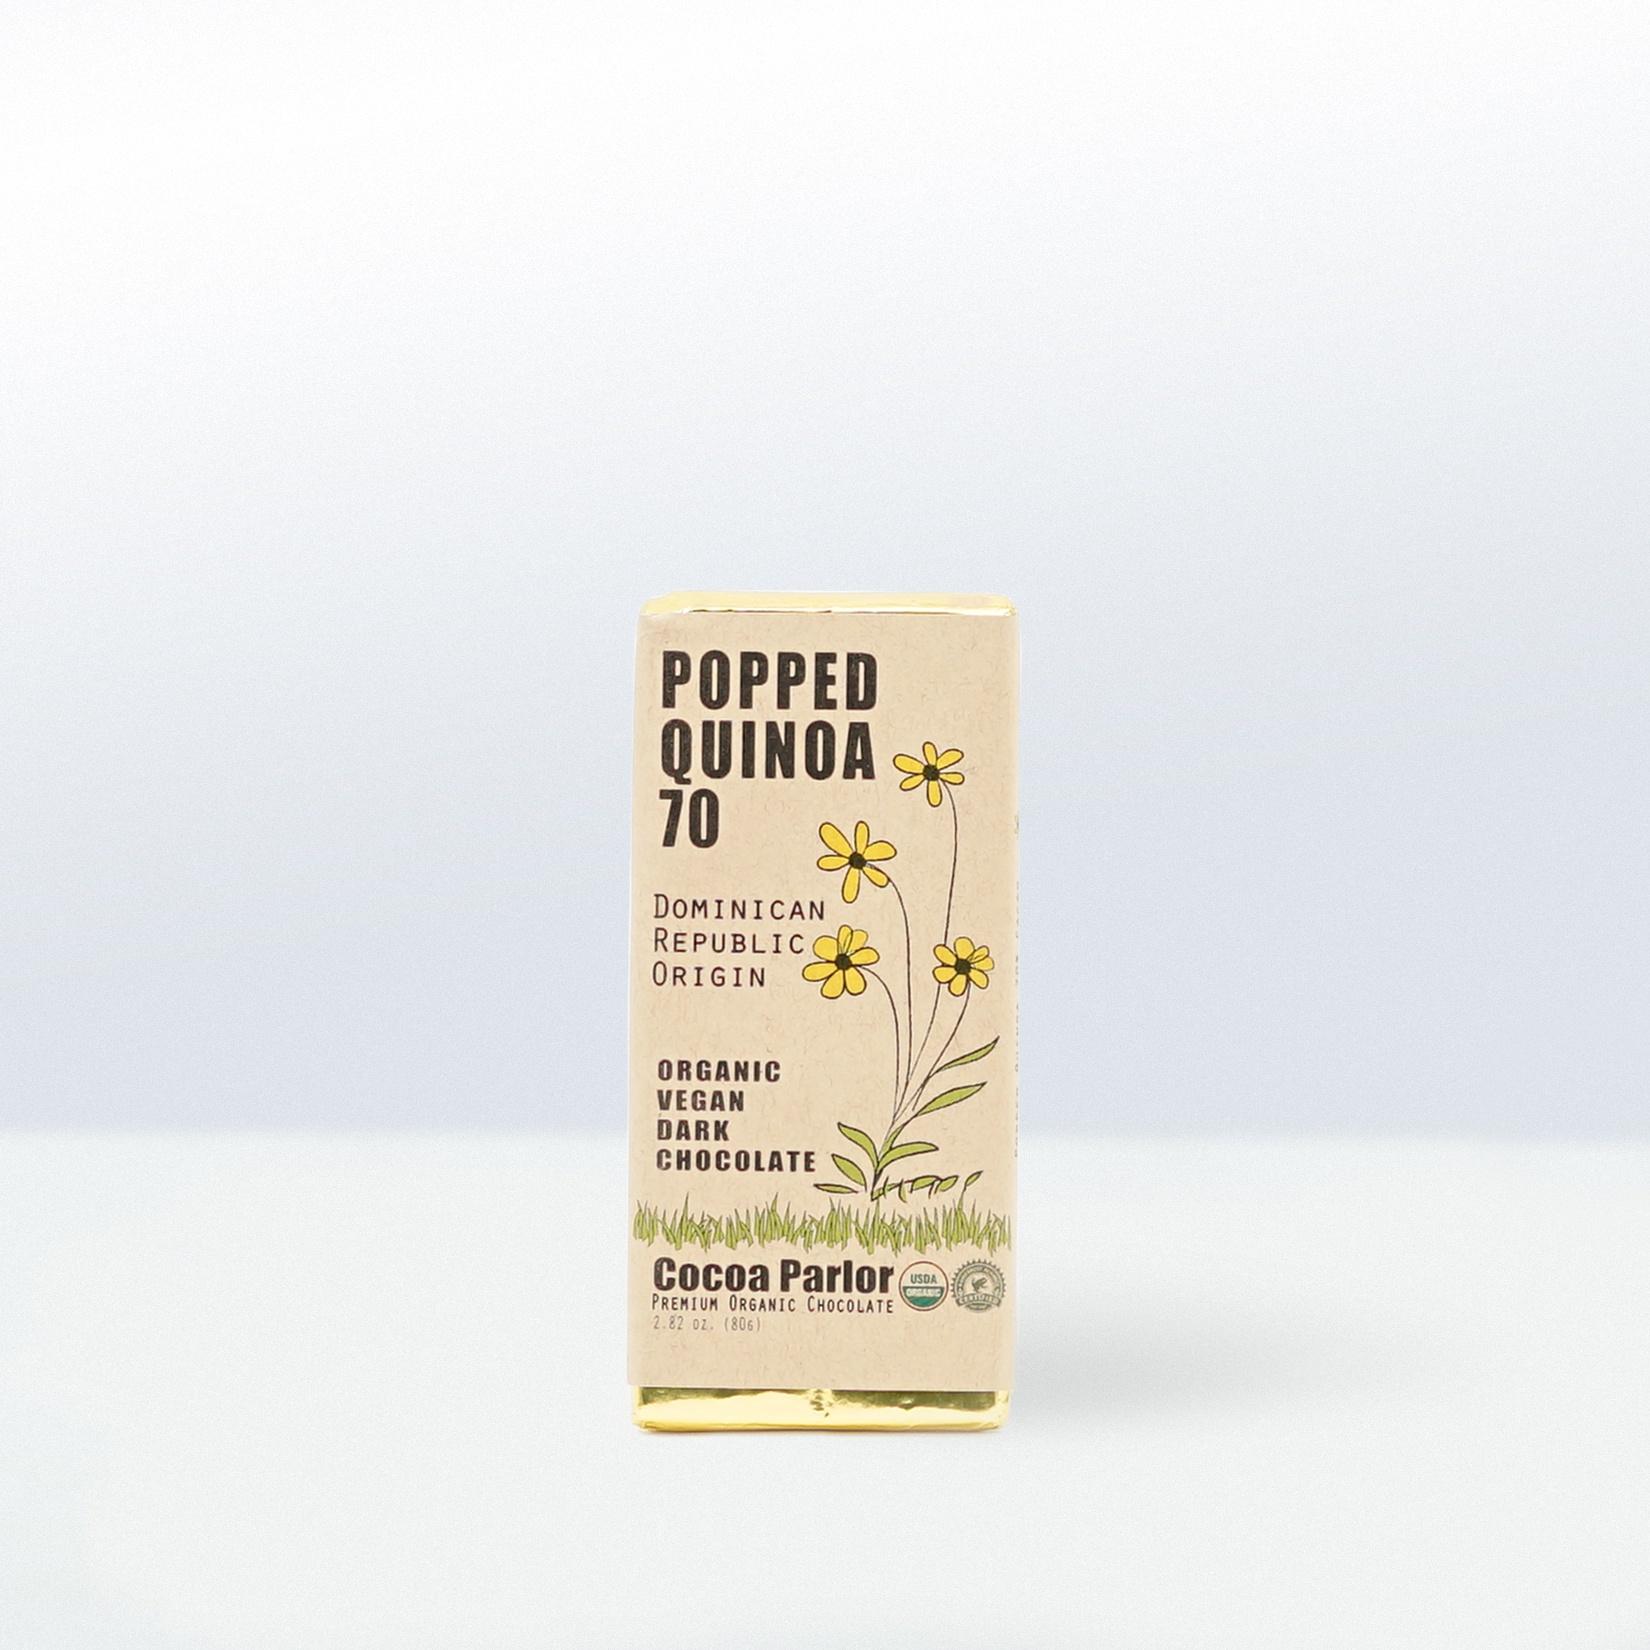 Cocoa Parlor-Popped Quinoa 70